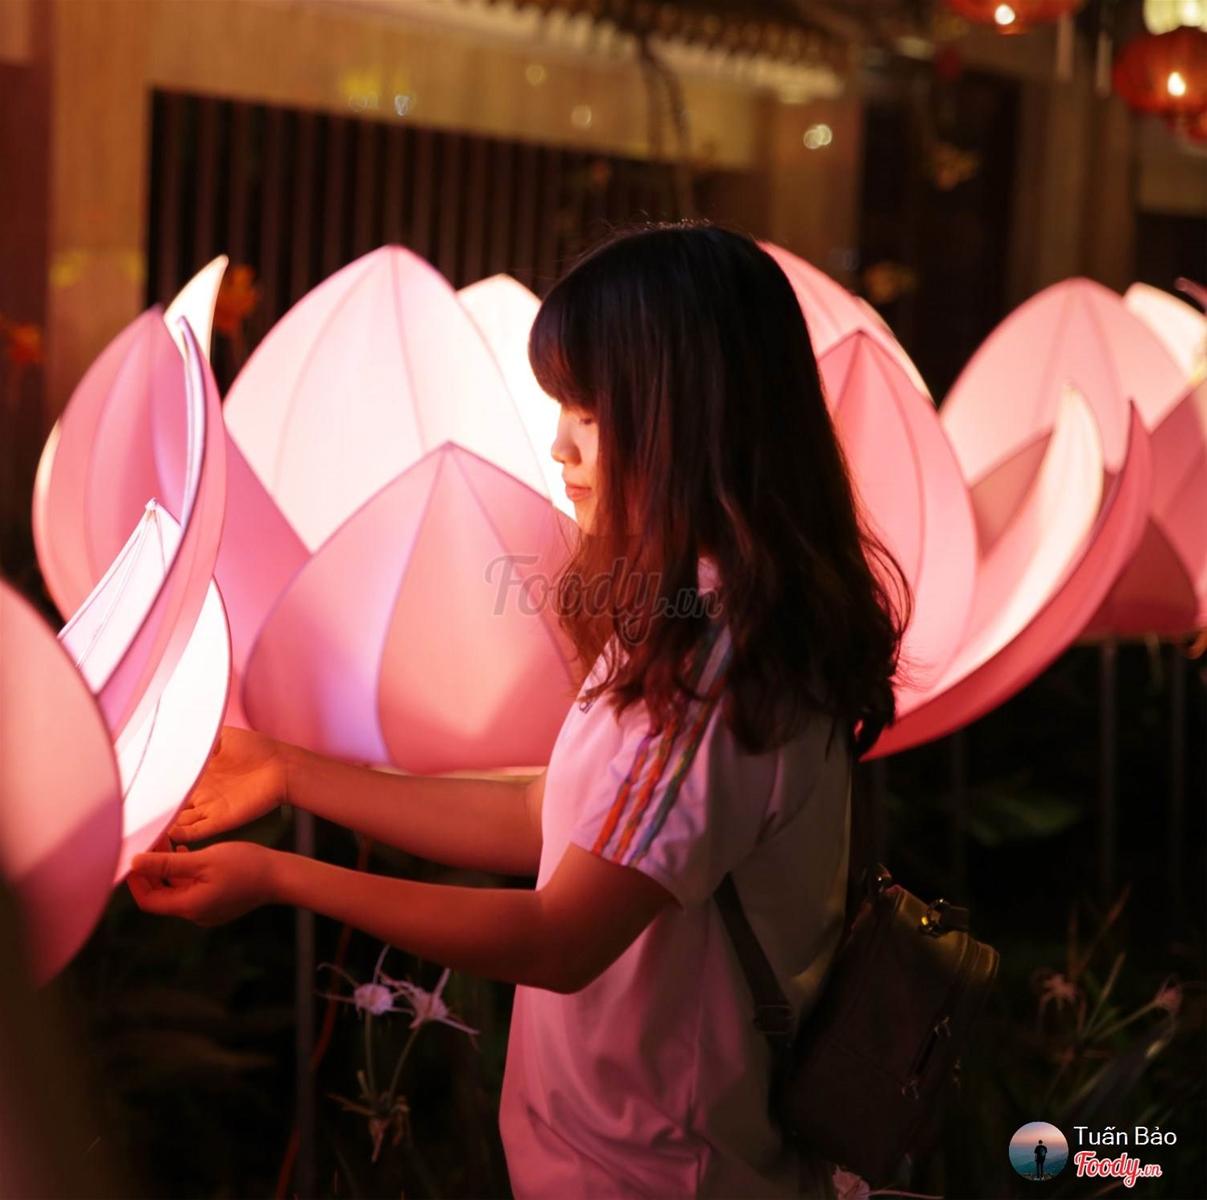 Đại Lễ Phật Đản còn là dịp để mọi người cầu nguyện cho gia đình, bản thân gặp nhiều may mắn, bình an.